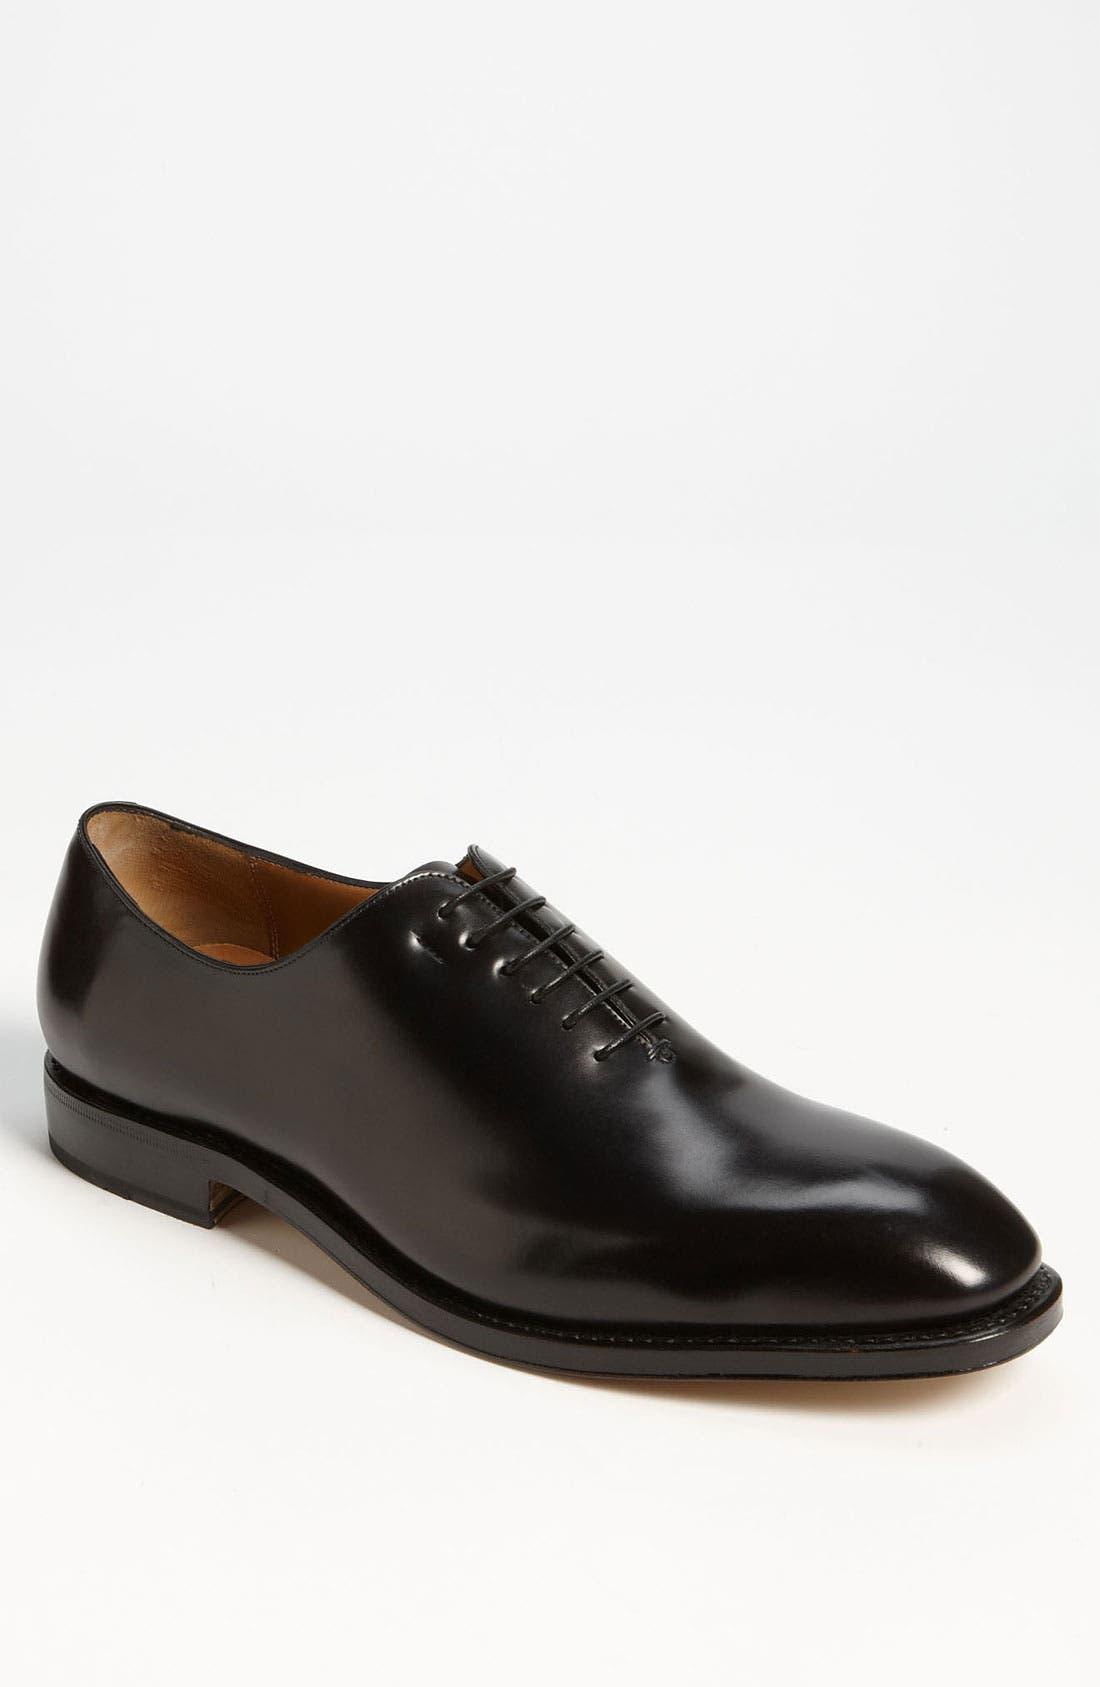 Alternate Image 1 Selected - Salvatore Ferragamo 'Carmelo' Plain Toe Oxford